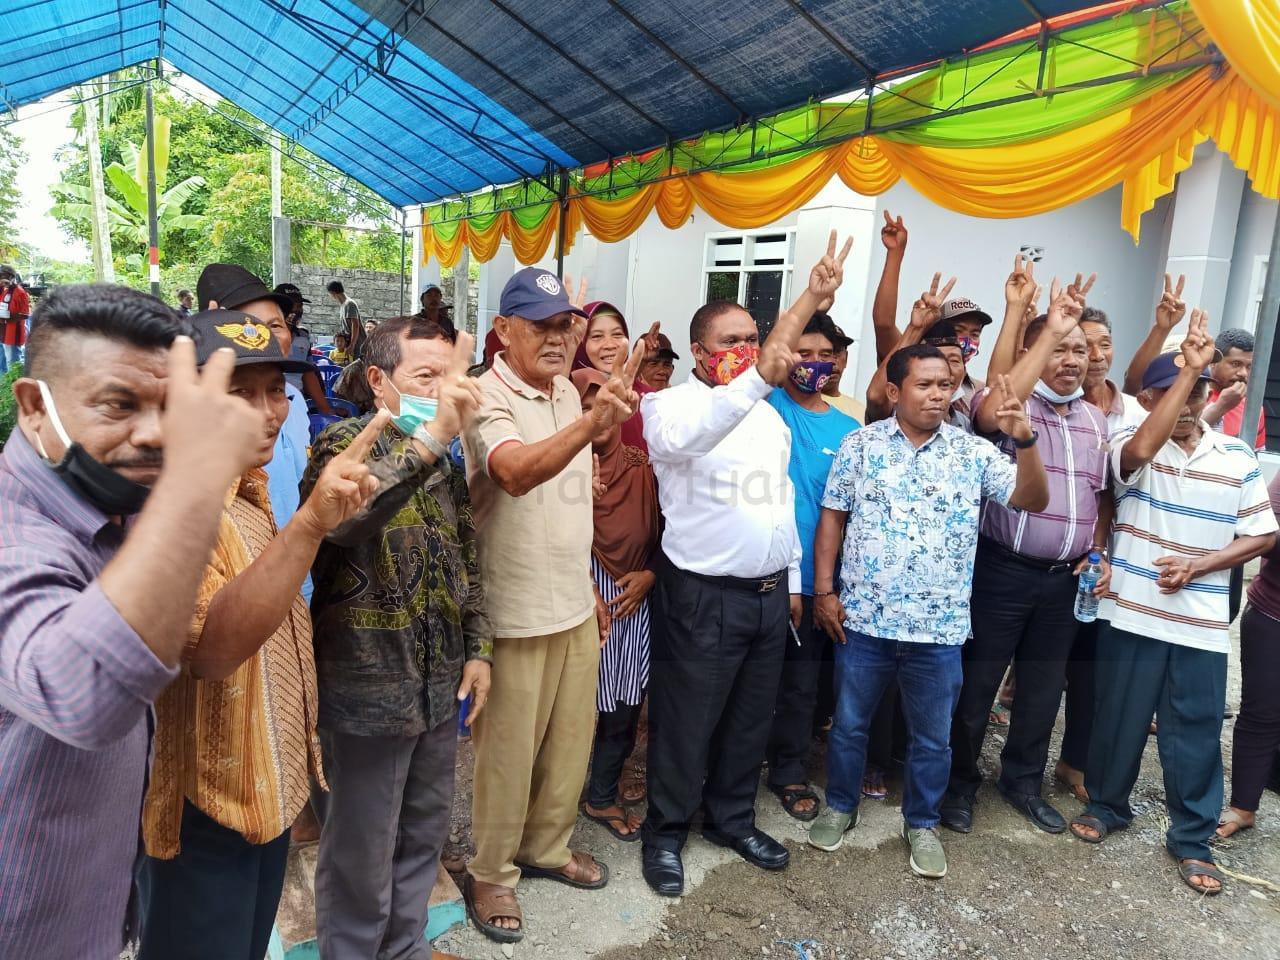 Hermus Sampaikan Ini Saat Warga Kampung Wapramasi Keluhkan Air Bersih, Irigasi Sering Kotor 4 IMG 20201127 WA0032